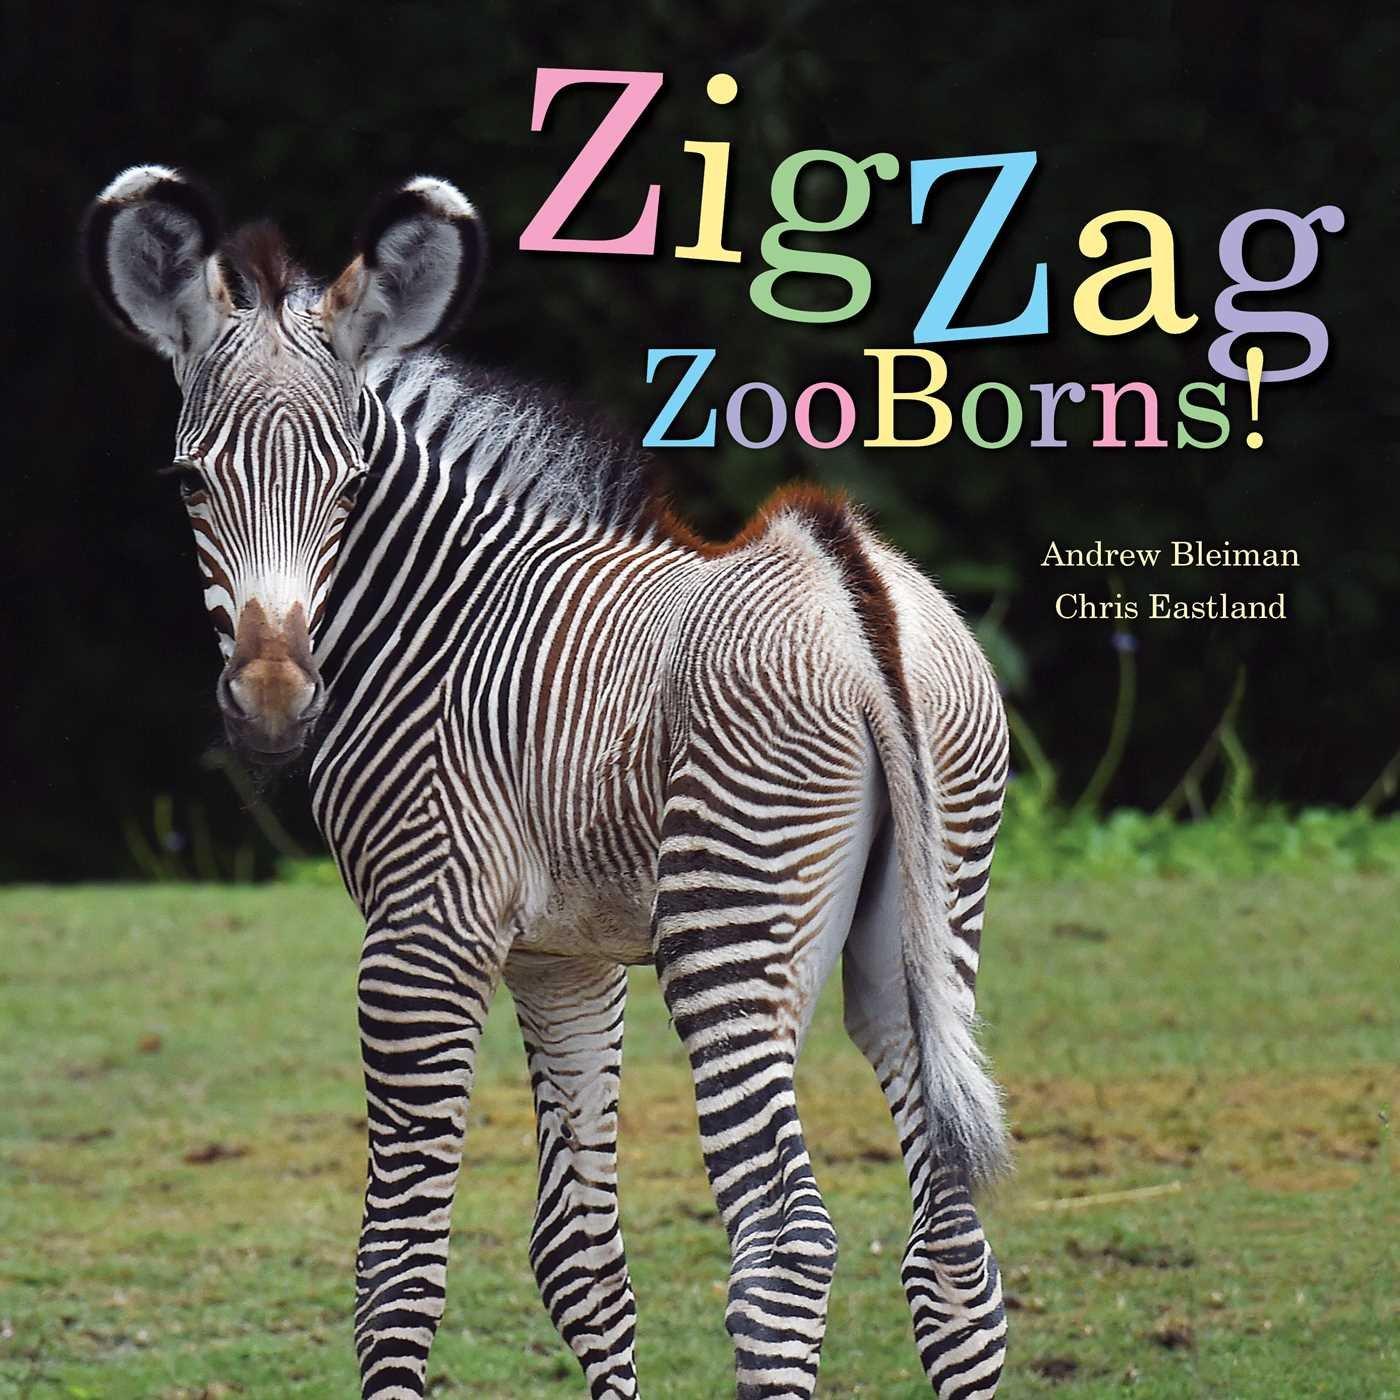 ZigZag ZooBorns